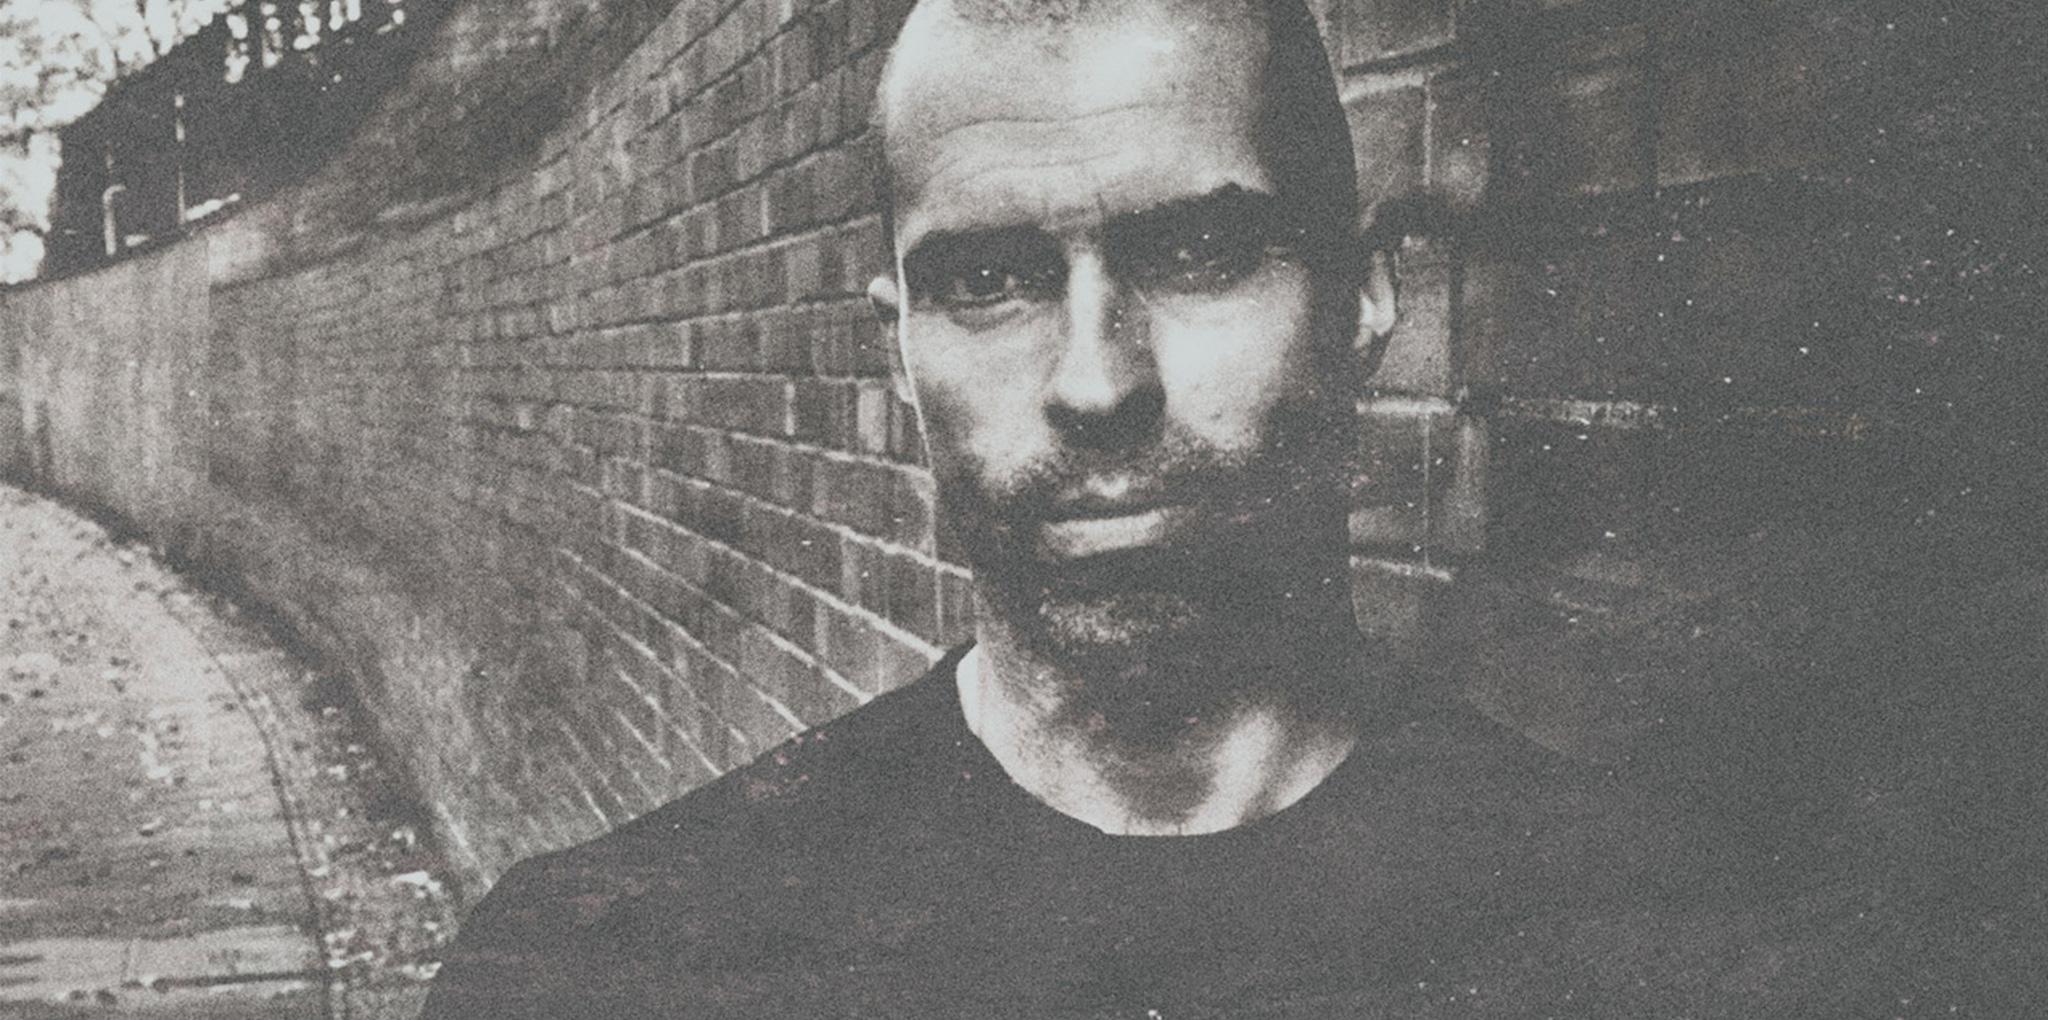 Chris Liebing Image